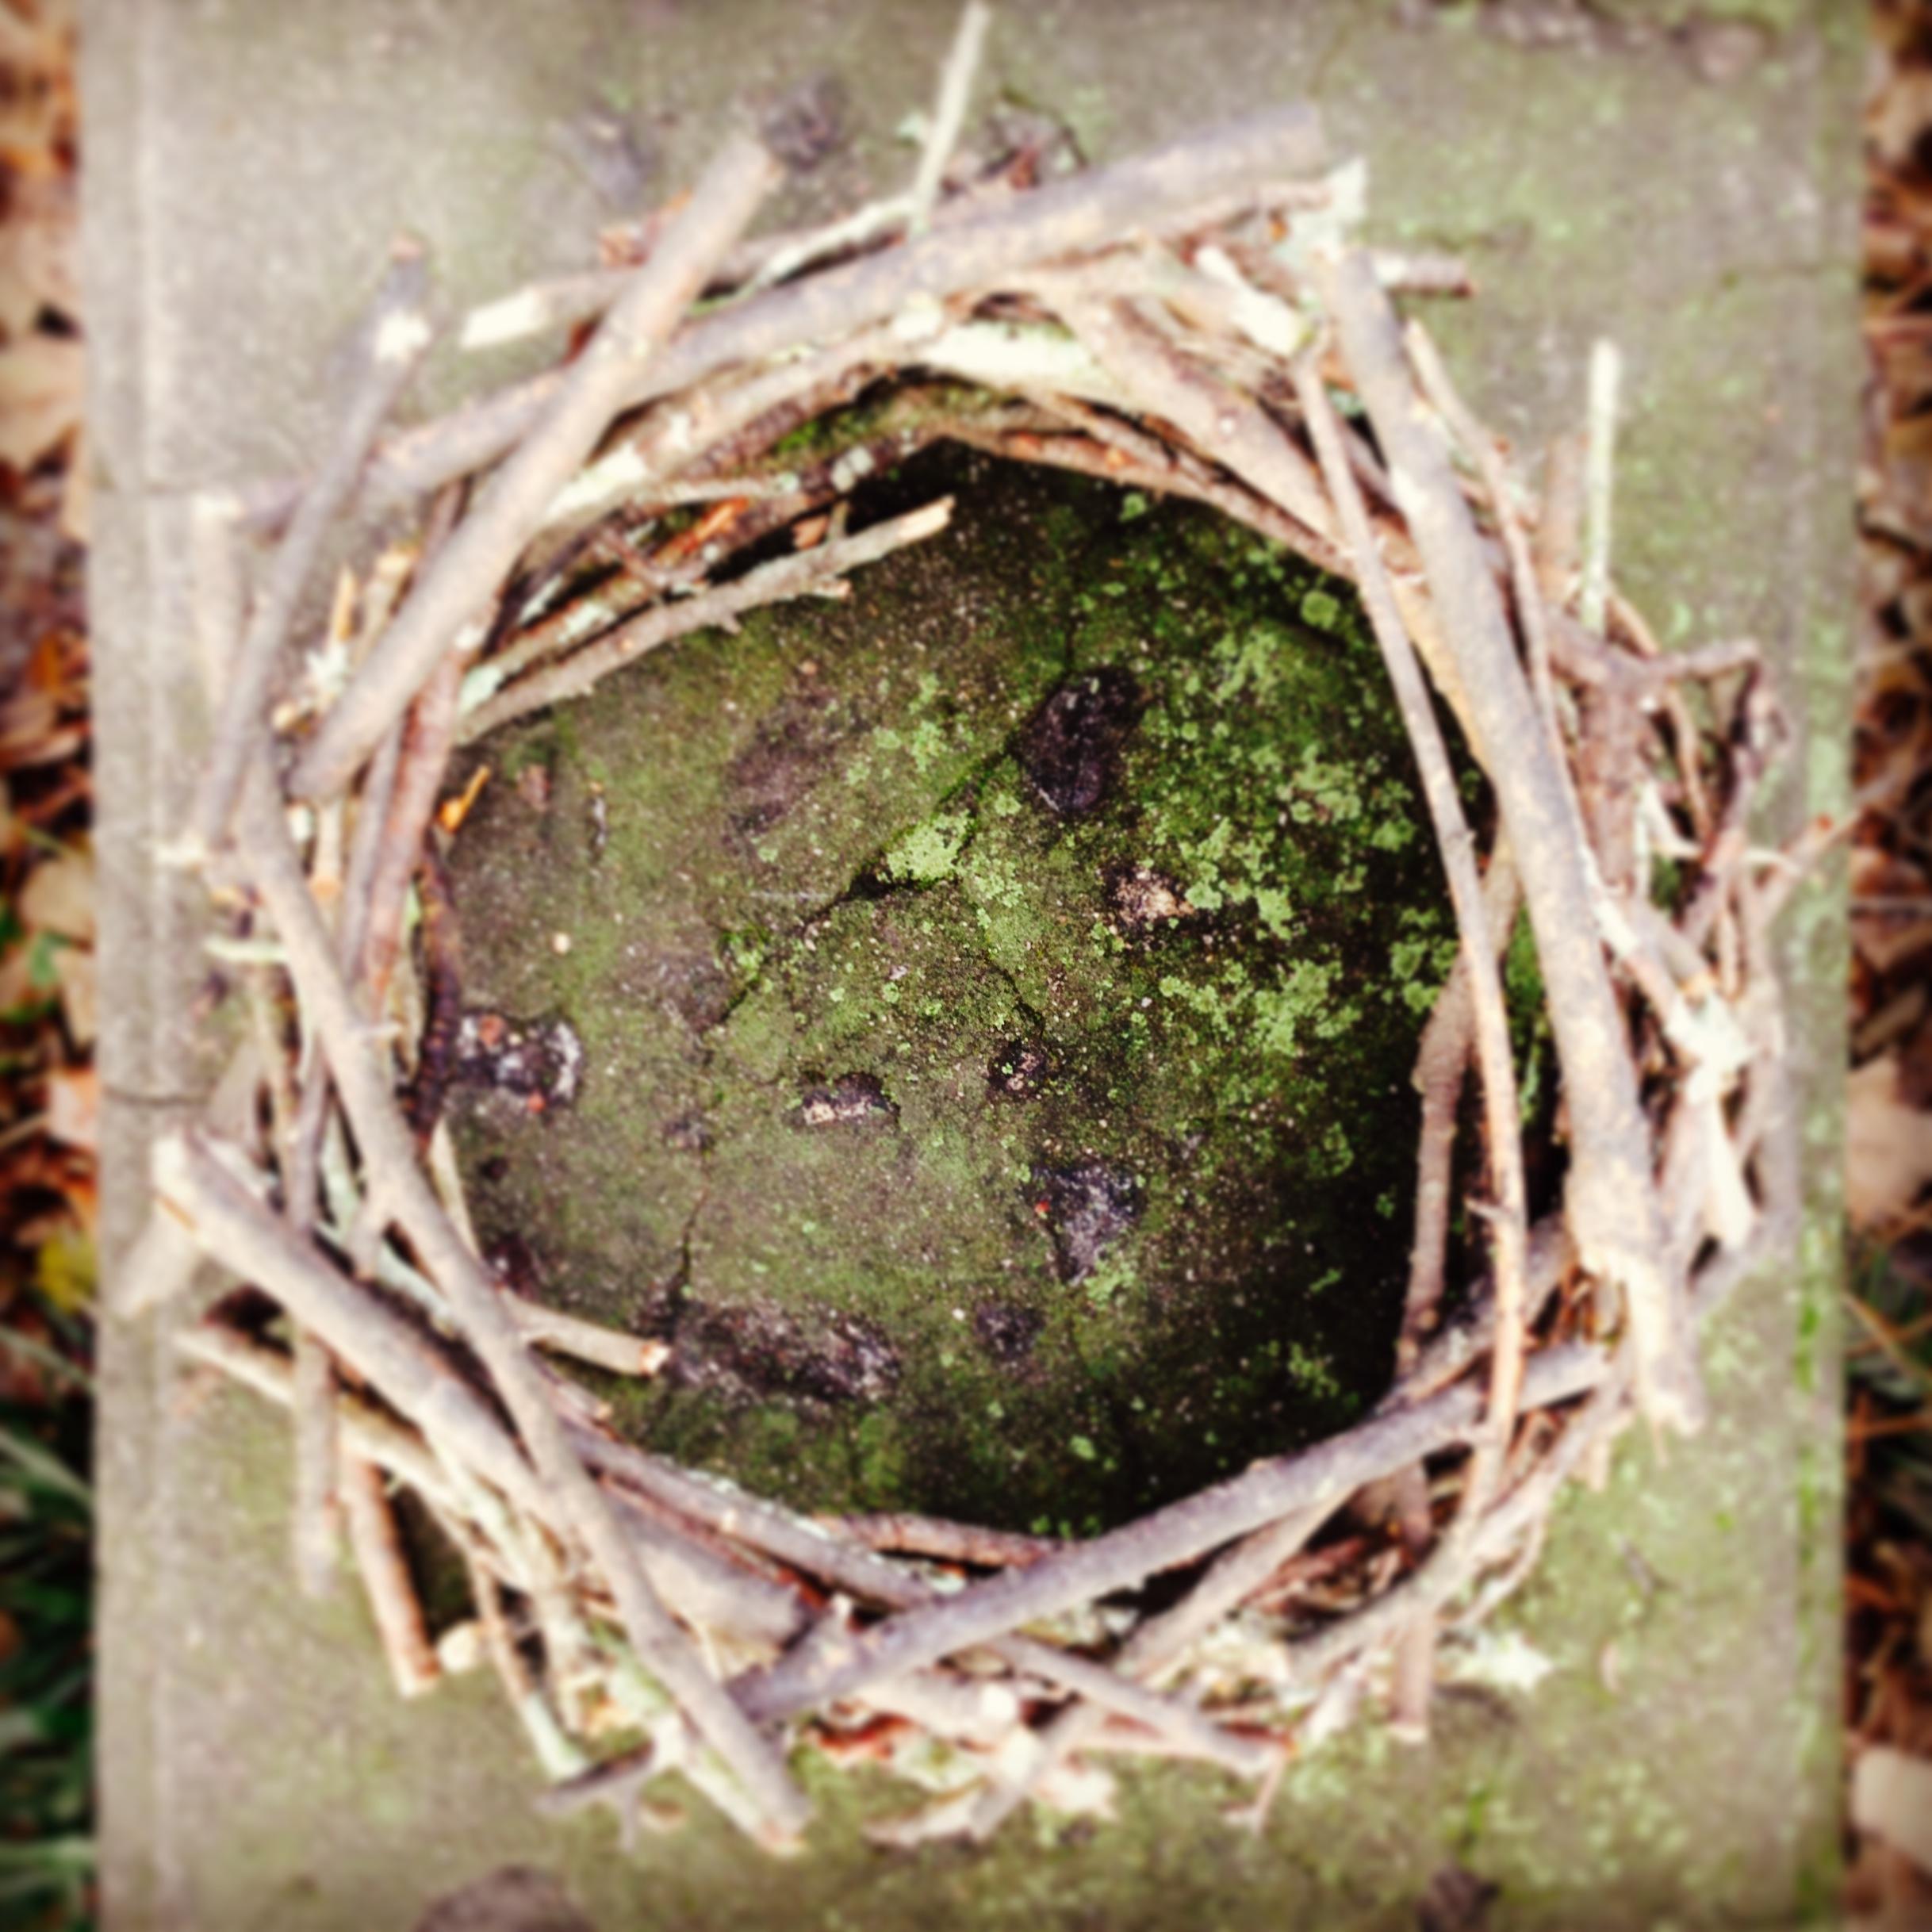 Nest on Stone. Garden Club of Georgia Founder's Garden. Athens, GA. Fall 2013